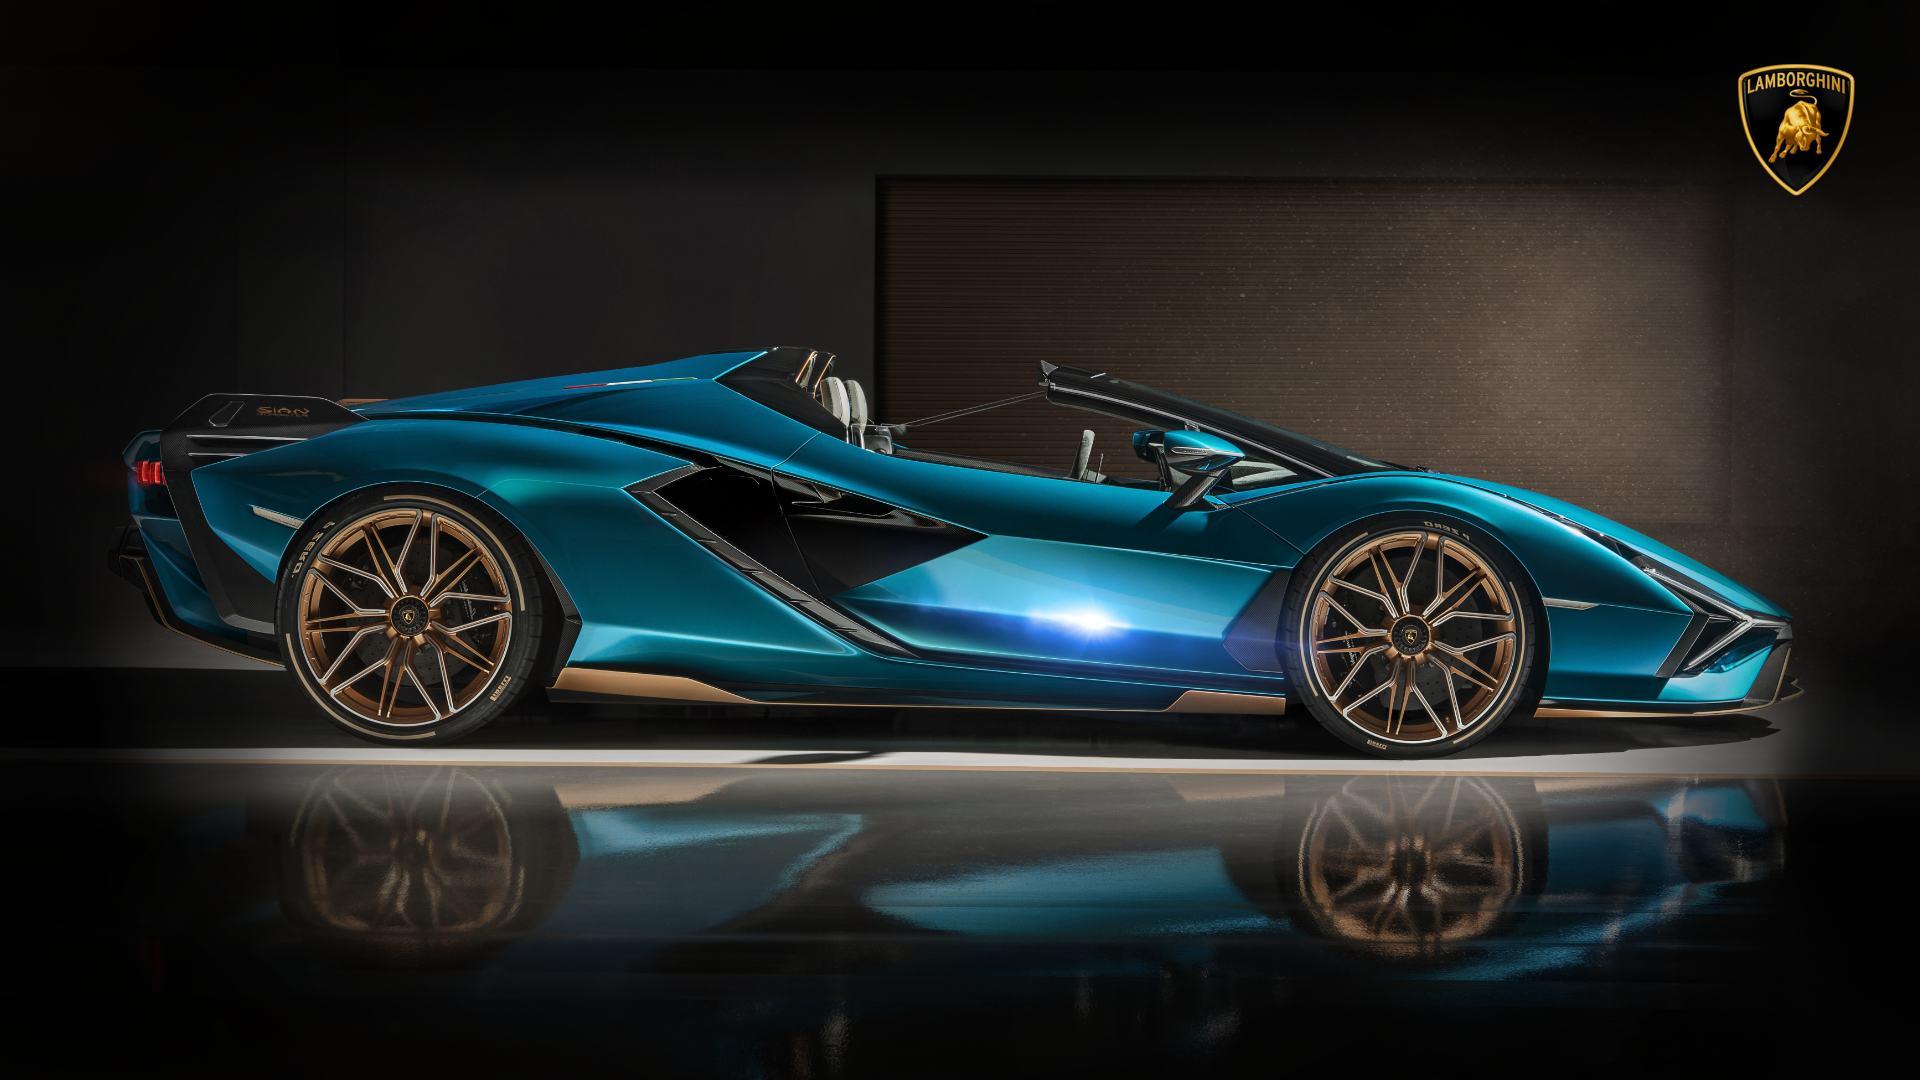 2021 Lamborghini Sian Roadster Car Wallpaper Pictures